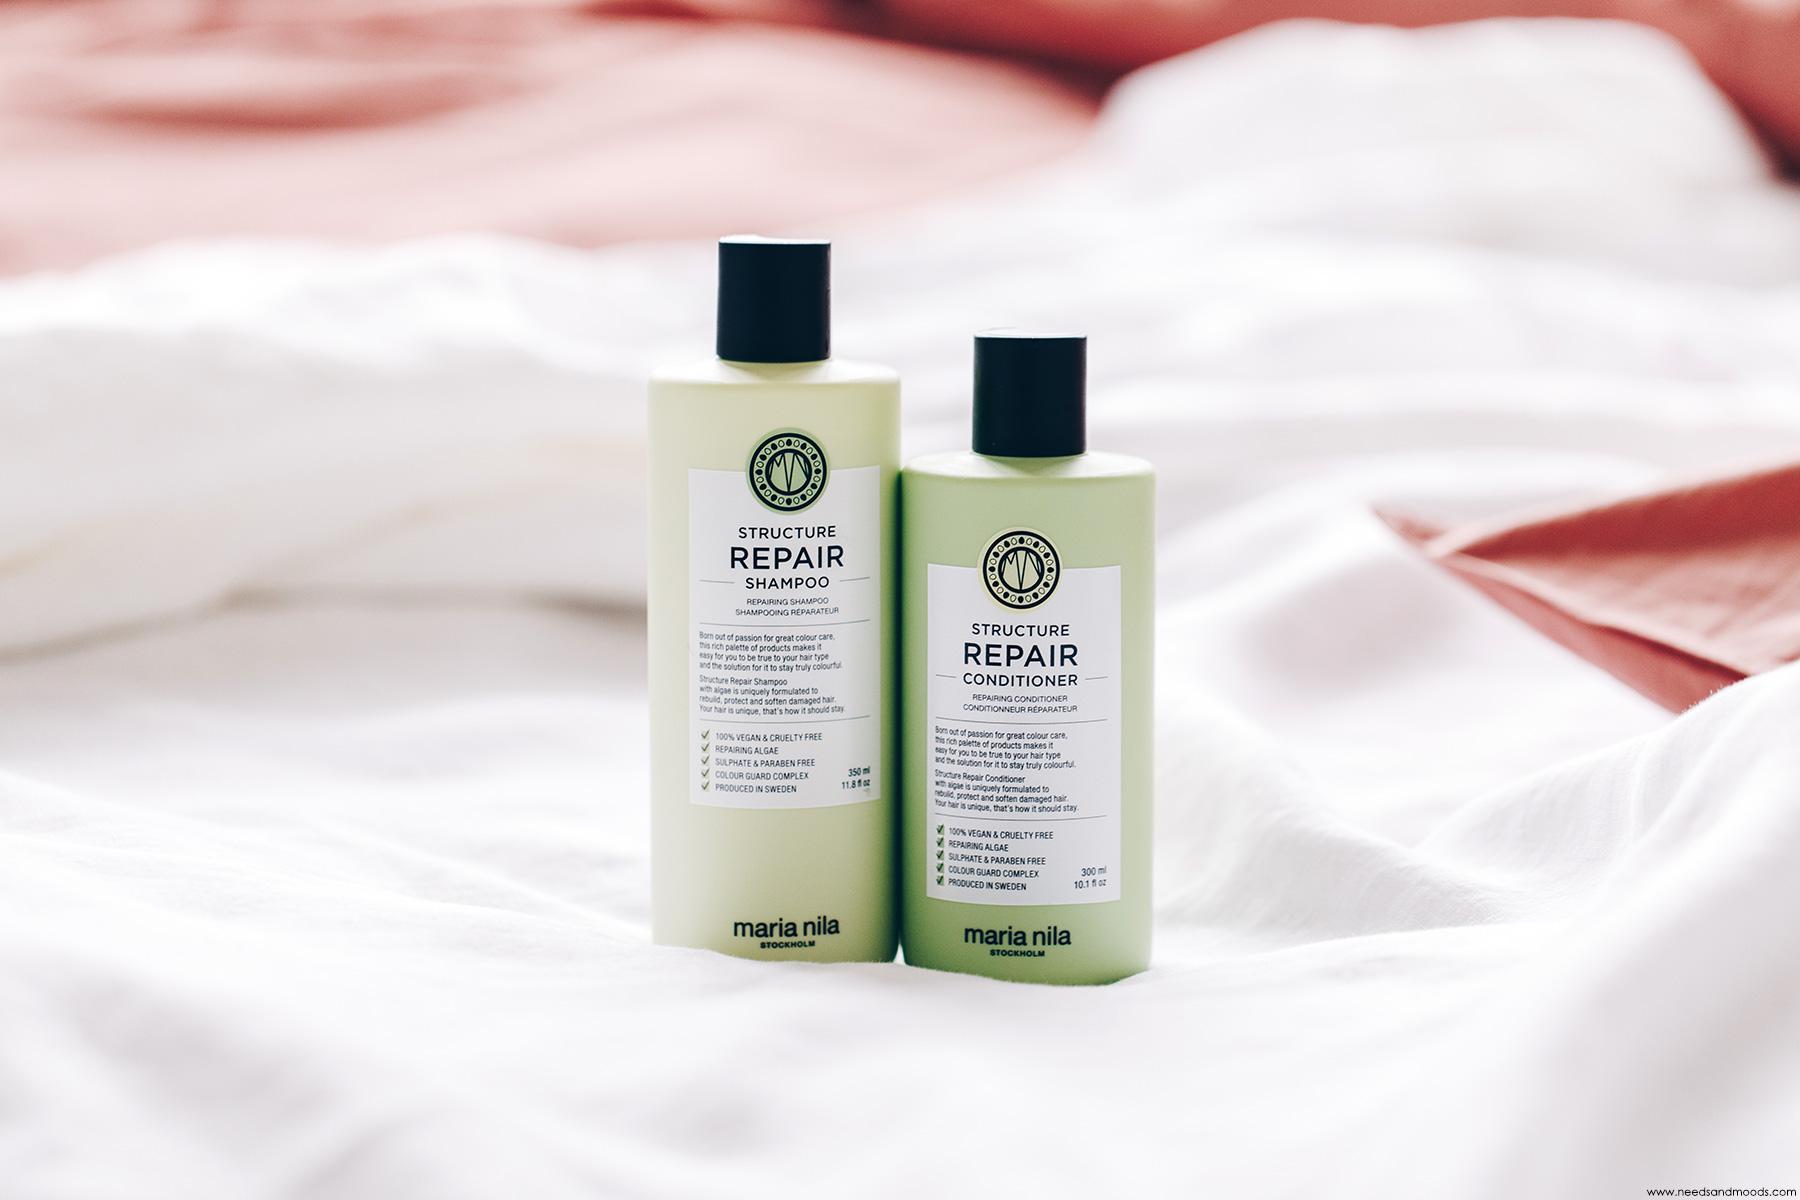 maria nila structure repair shampooing conditioner avis